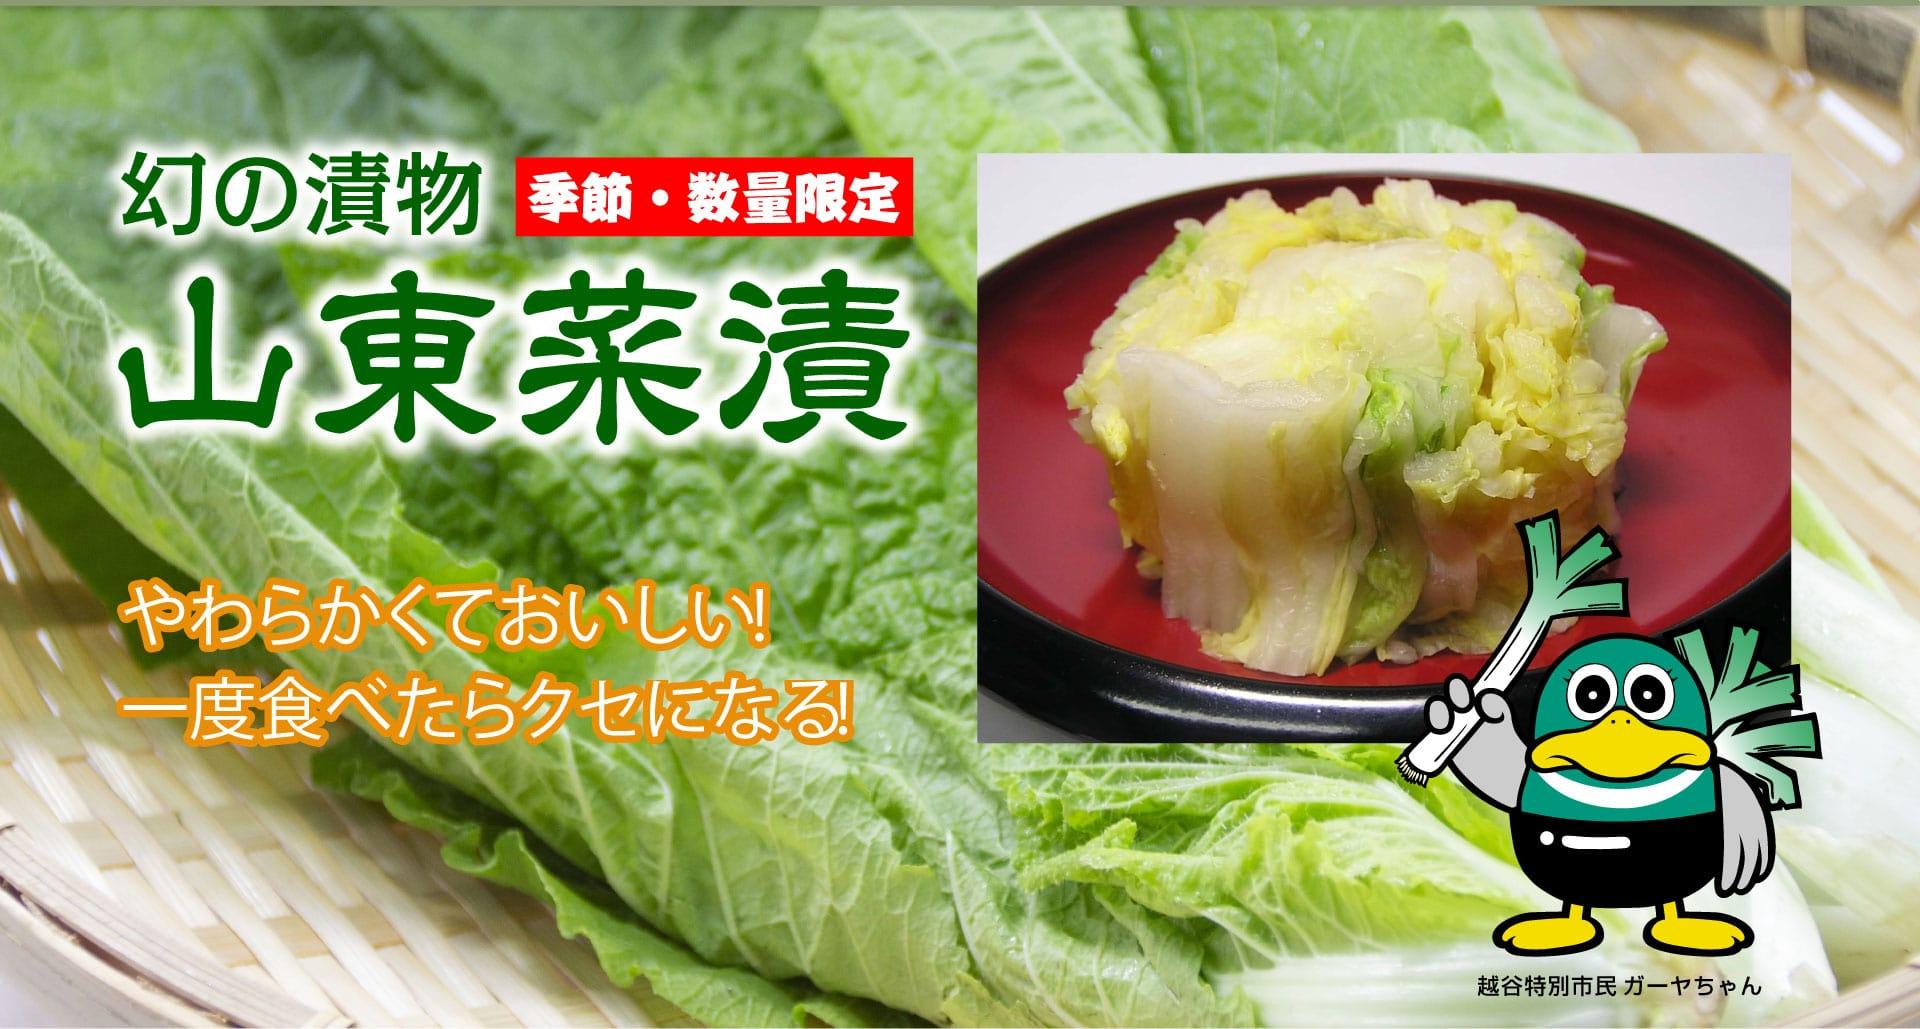 生産加工品「山東菜漬」